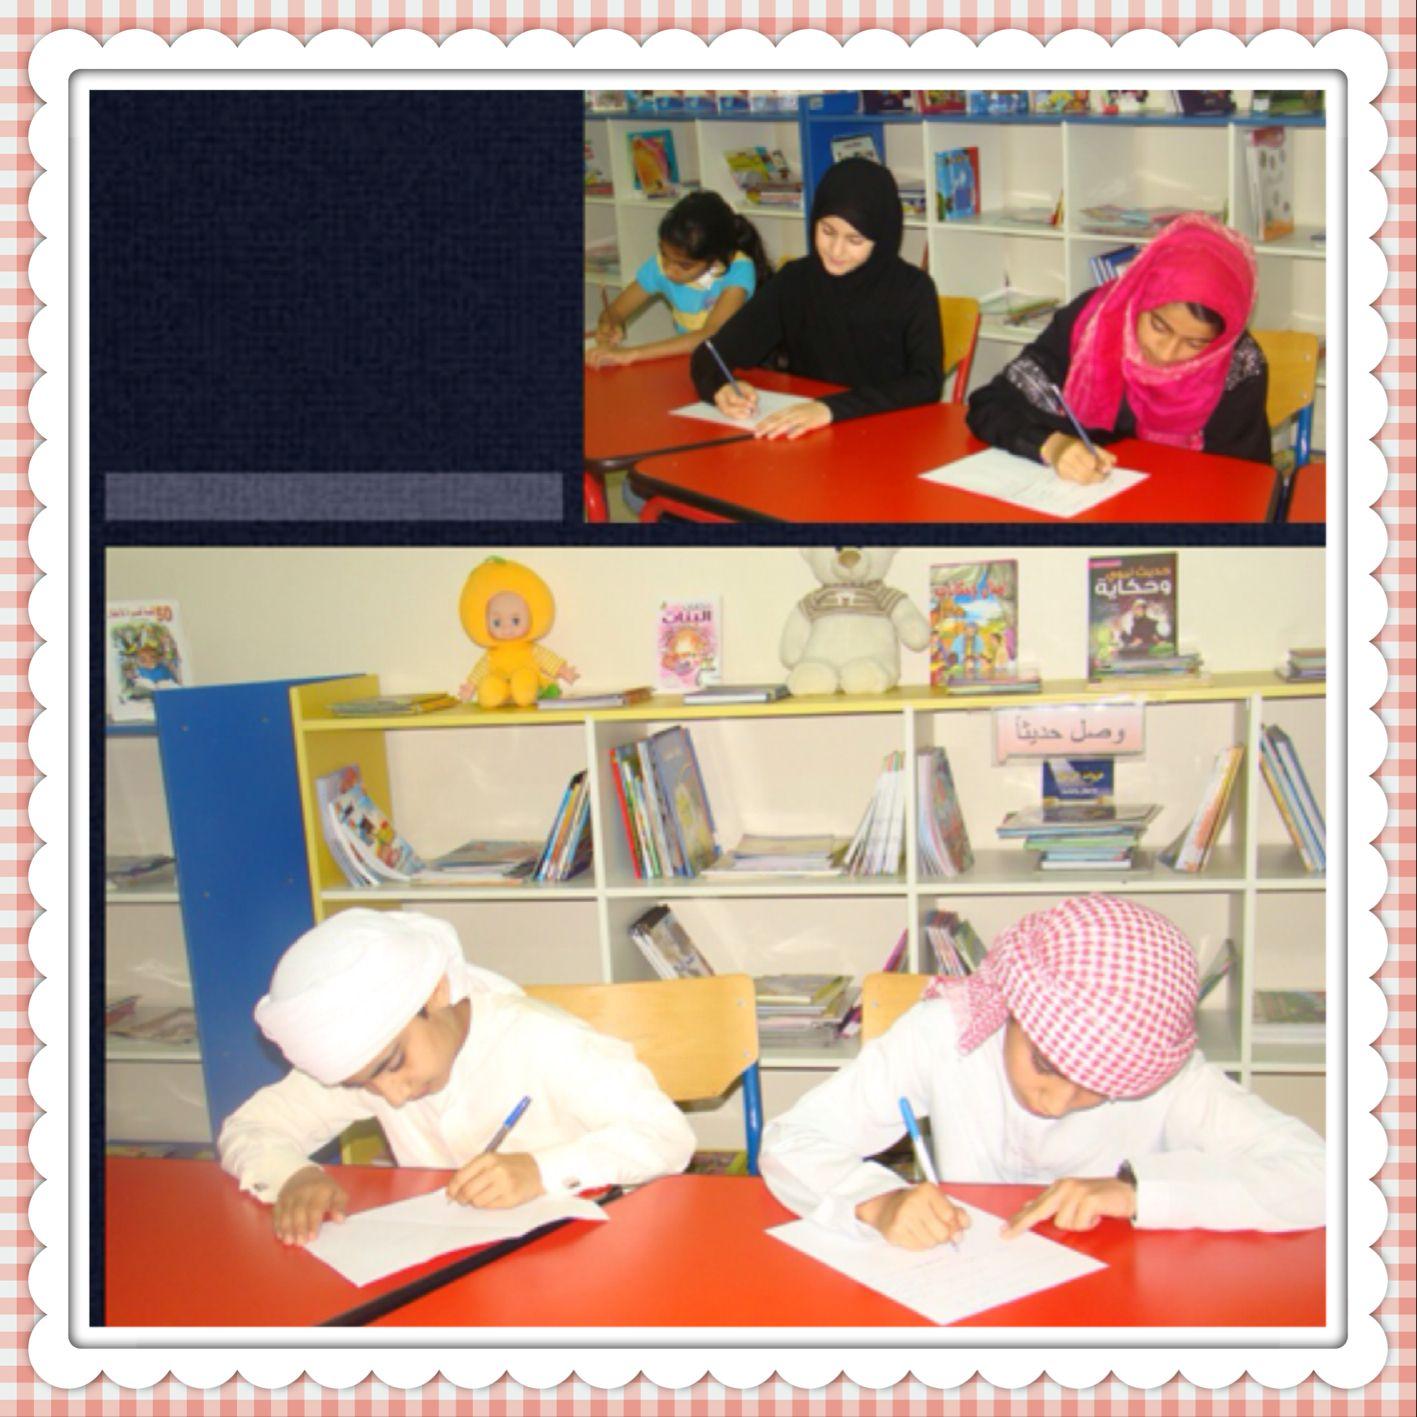 ورشة التعبير الحر في التأليف المسرحي لأطفال مراكز الوسطى ضمن خطة برنامج ويبقى المسرح ما بقيت الحياة نظمت إدارة مراكز الأطفال بالشارقة في نطاق دورة المؤلف الم